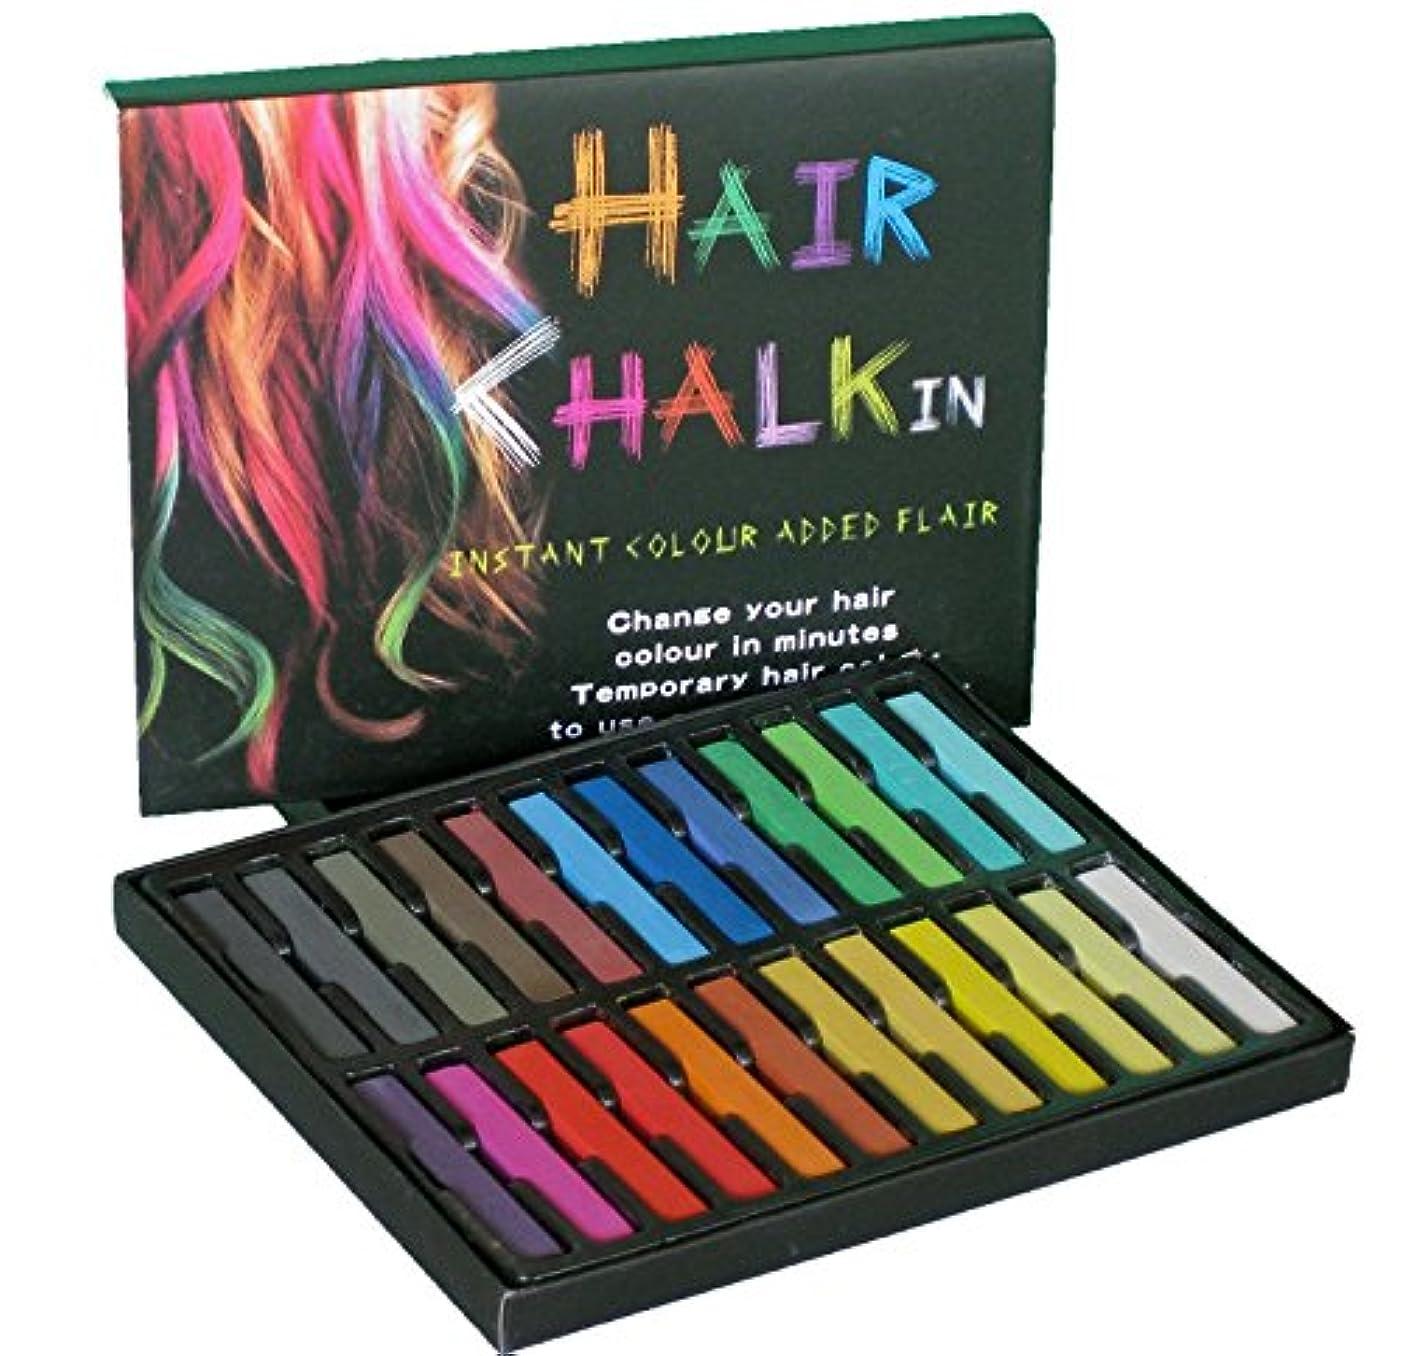 汚染起きている風邪をひく【24色】ヘアチョーク ヘアカラーチョーク アメリカで人気!お湯で落ちる簡易髪染 一日だけの髪染め パステルチョーク Hair color chalk